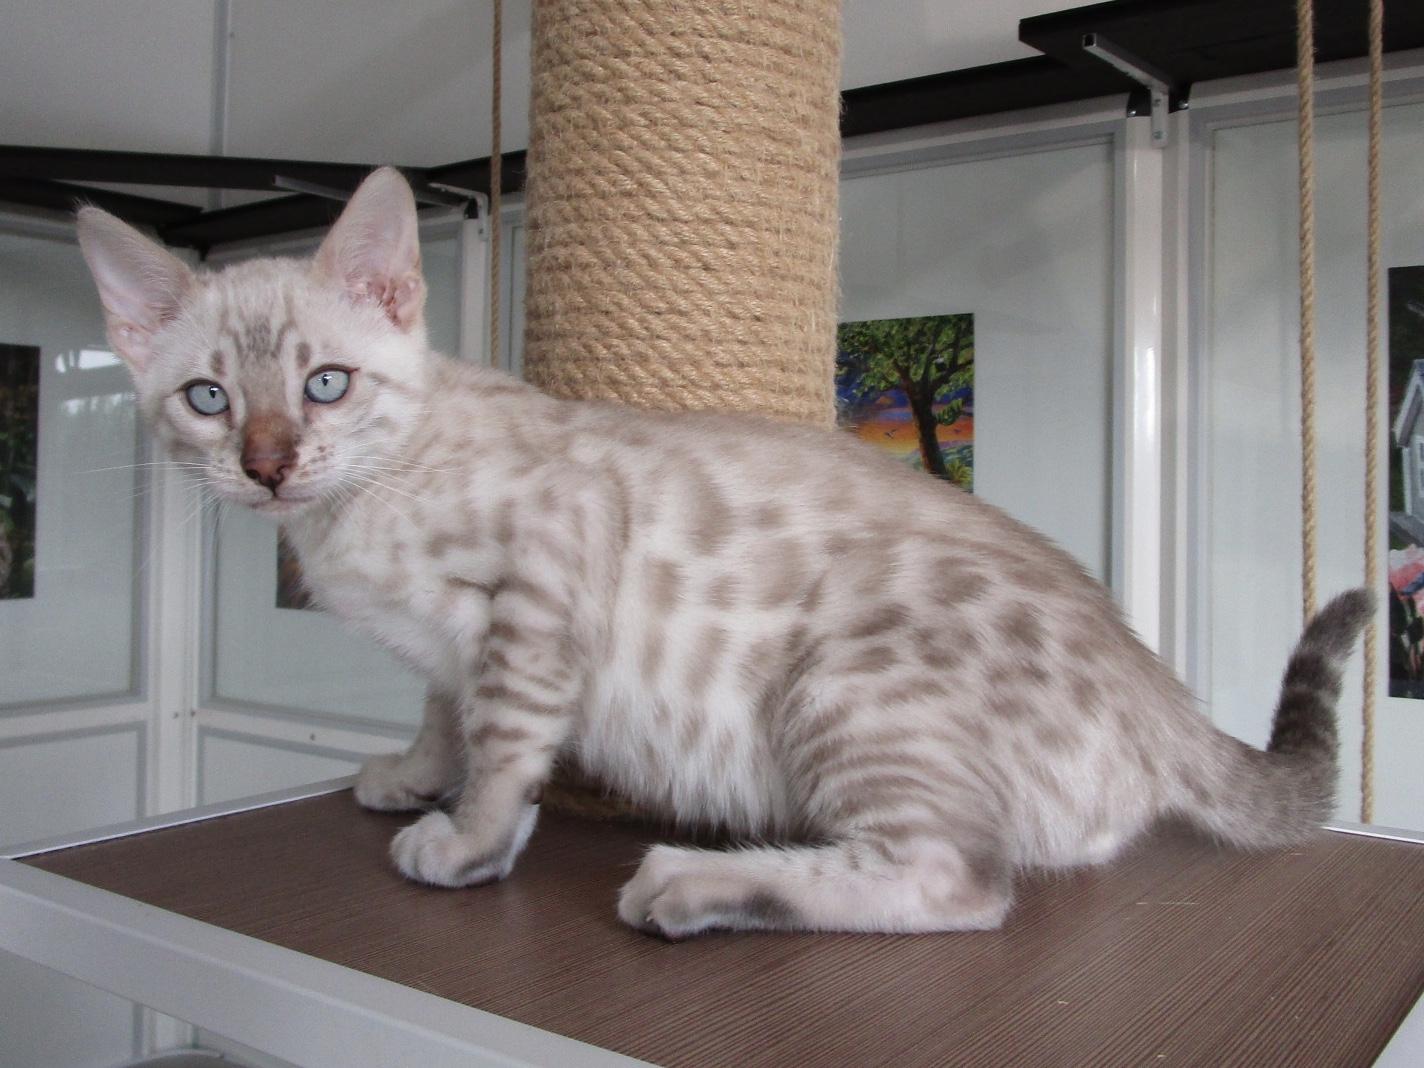 Mâle 1 - 2 mois et demi